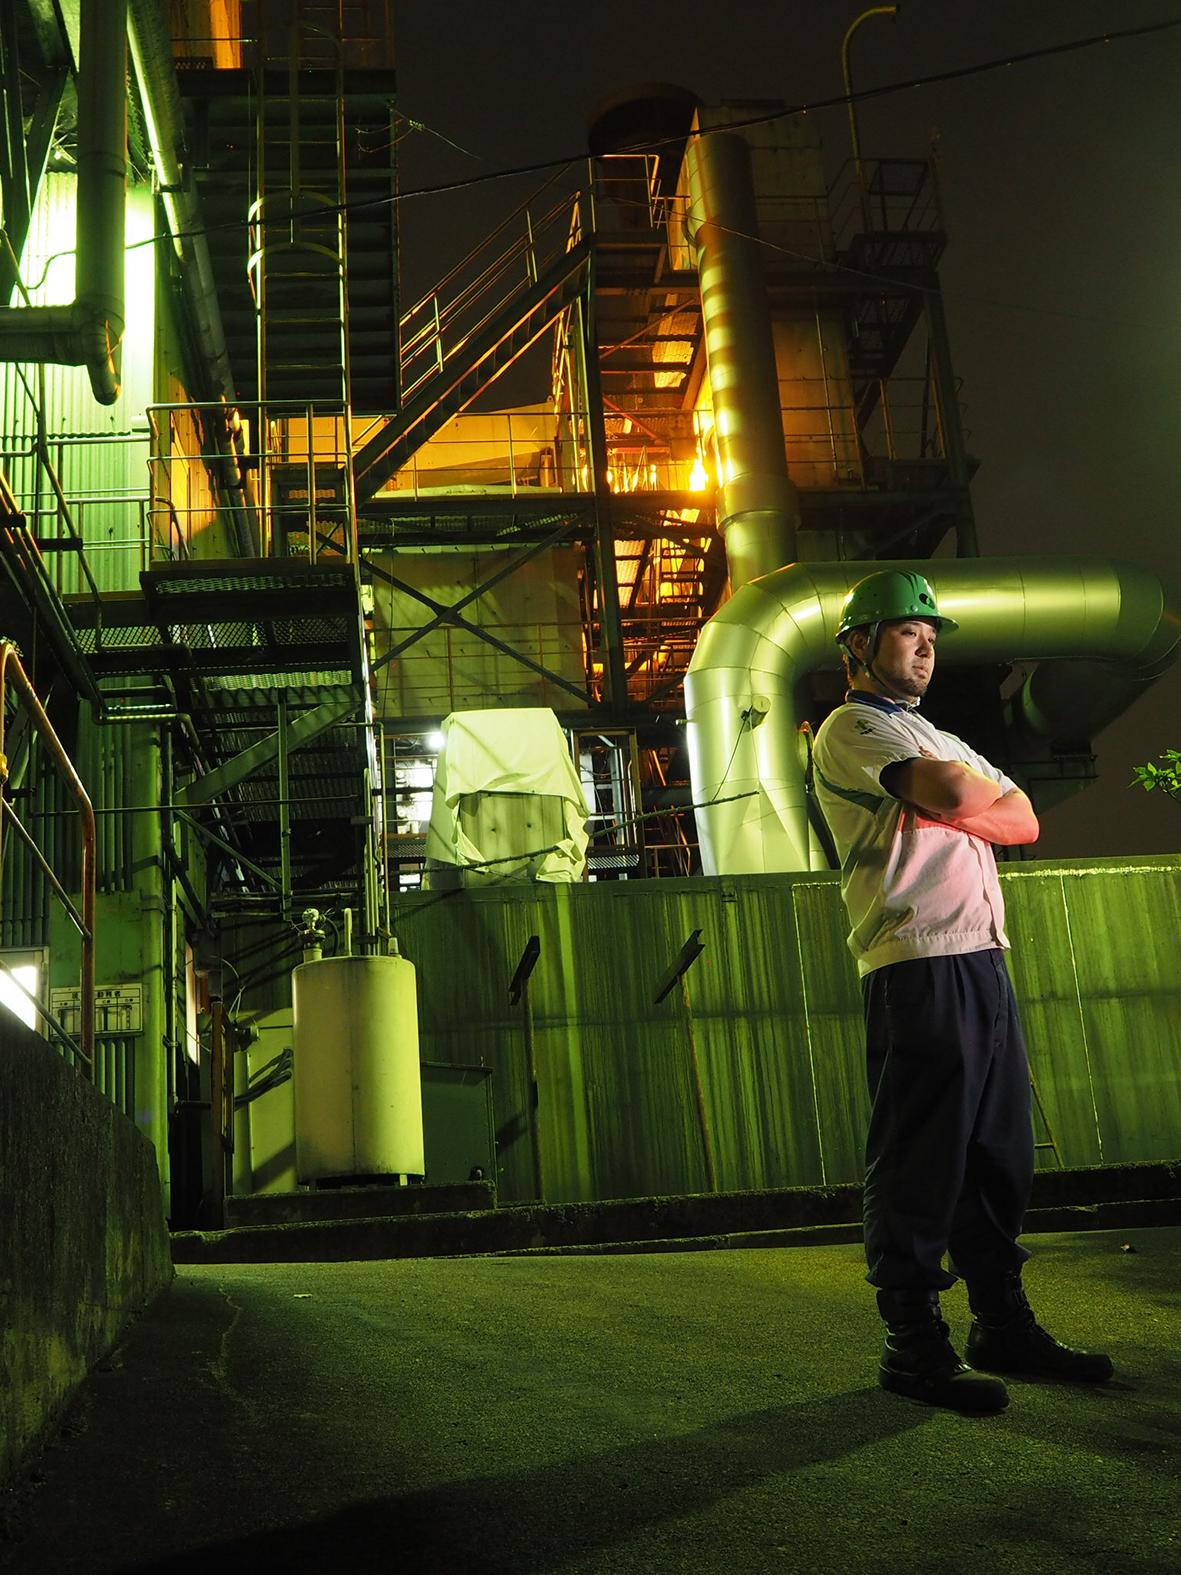 富士根工場工場夜景男子